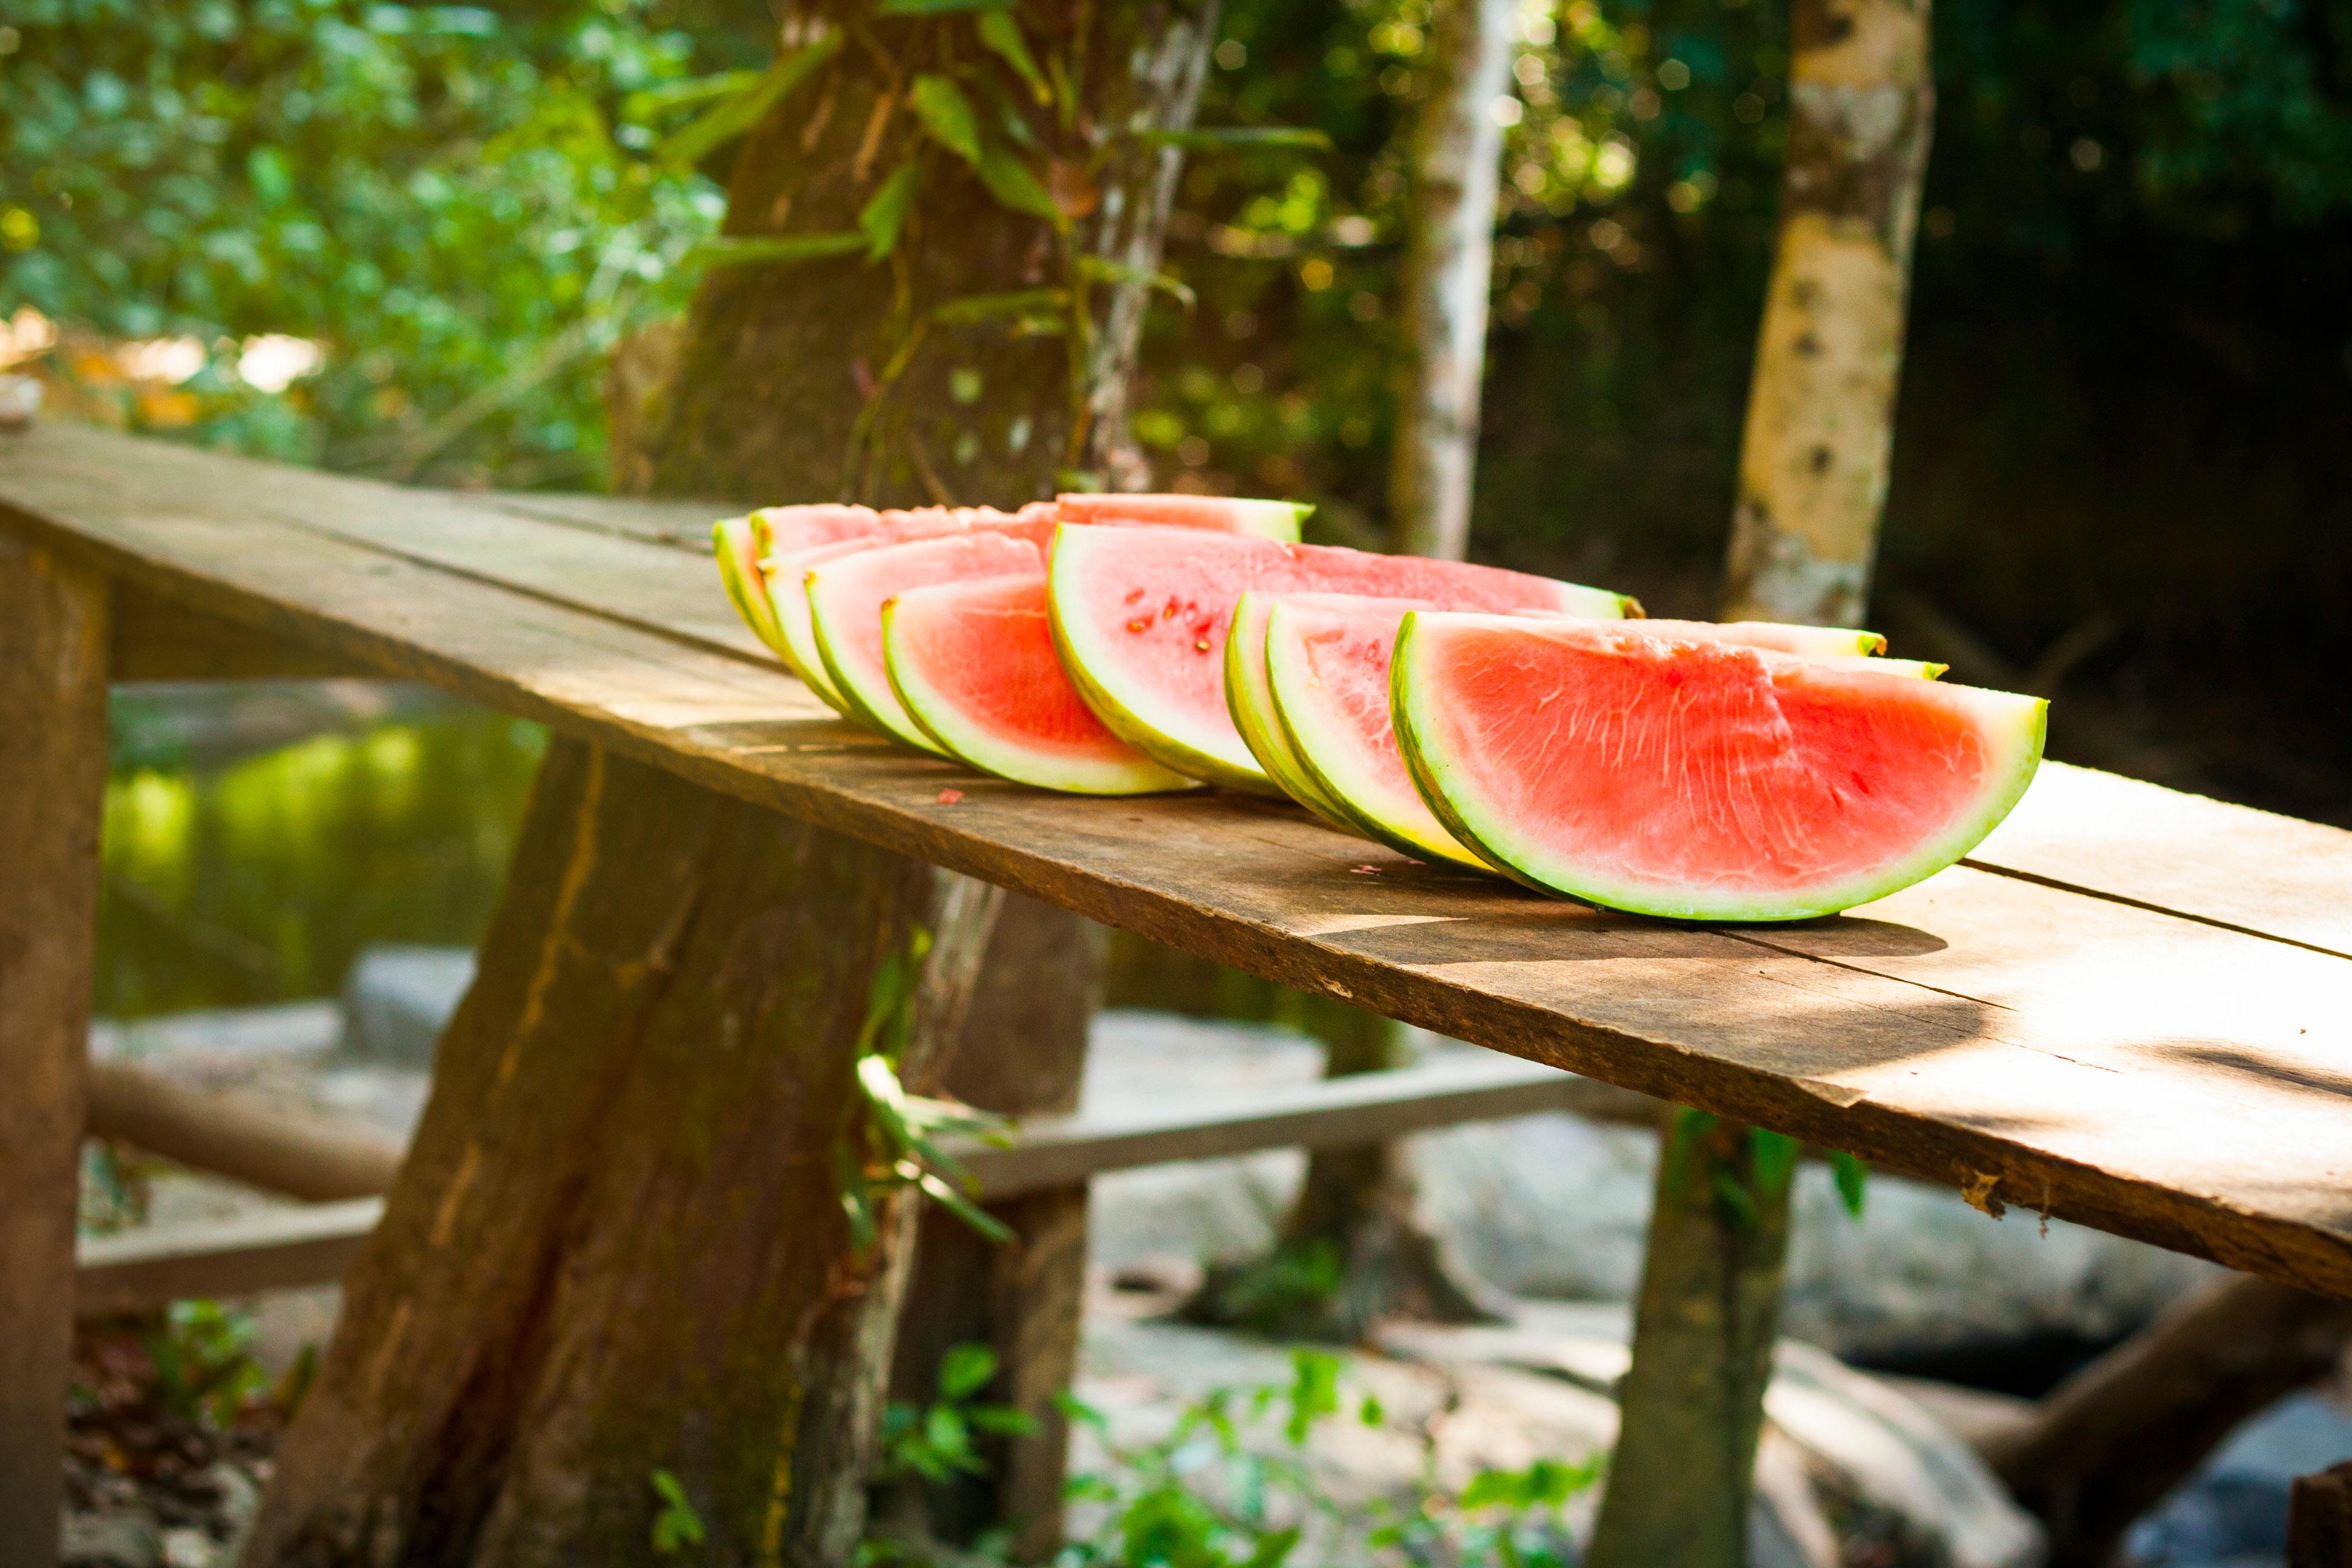 images gratuites : arbre, fruit, feuille, fleur, aliments, vert